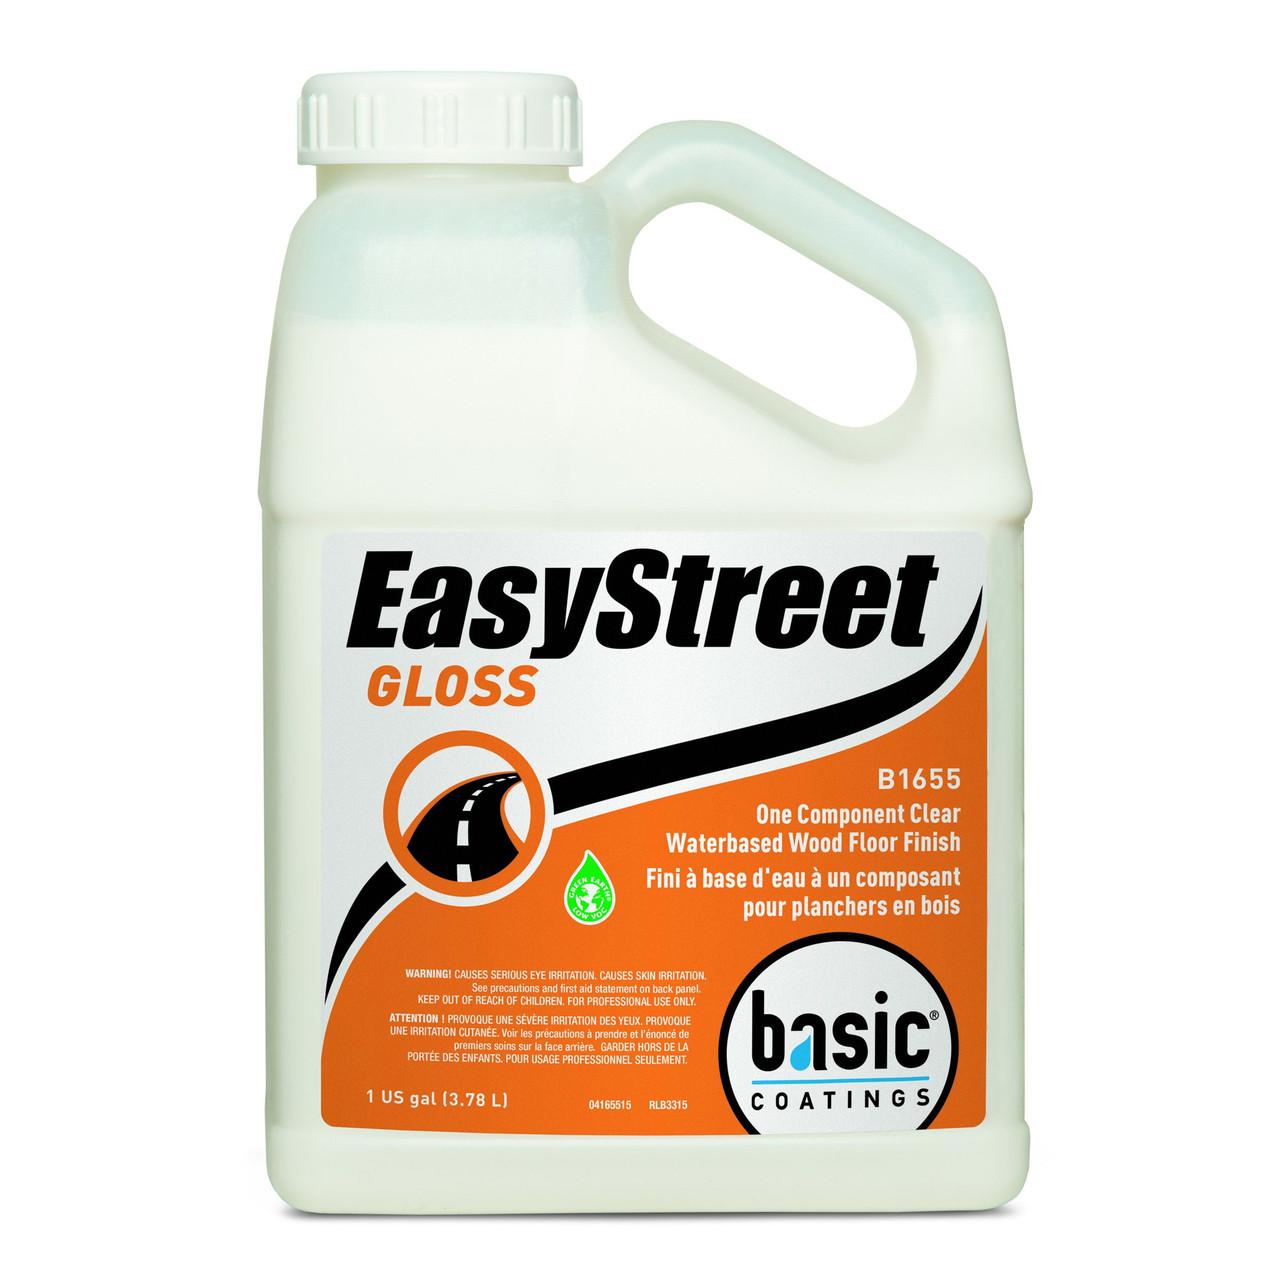 Basic Coatings EasyStreet Gallon